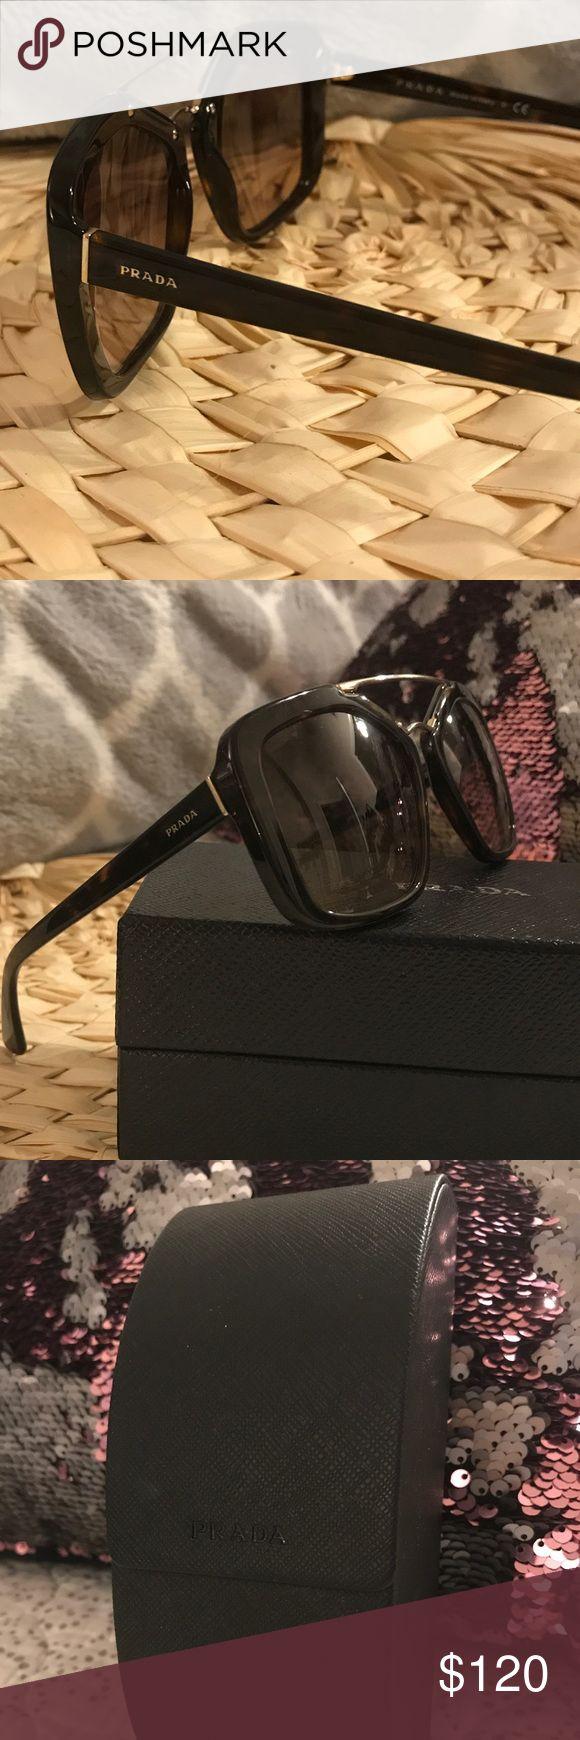 11 best brille images on Pinterest | Brillen, Accessoirs und Brille